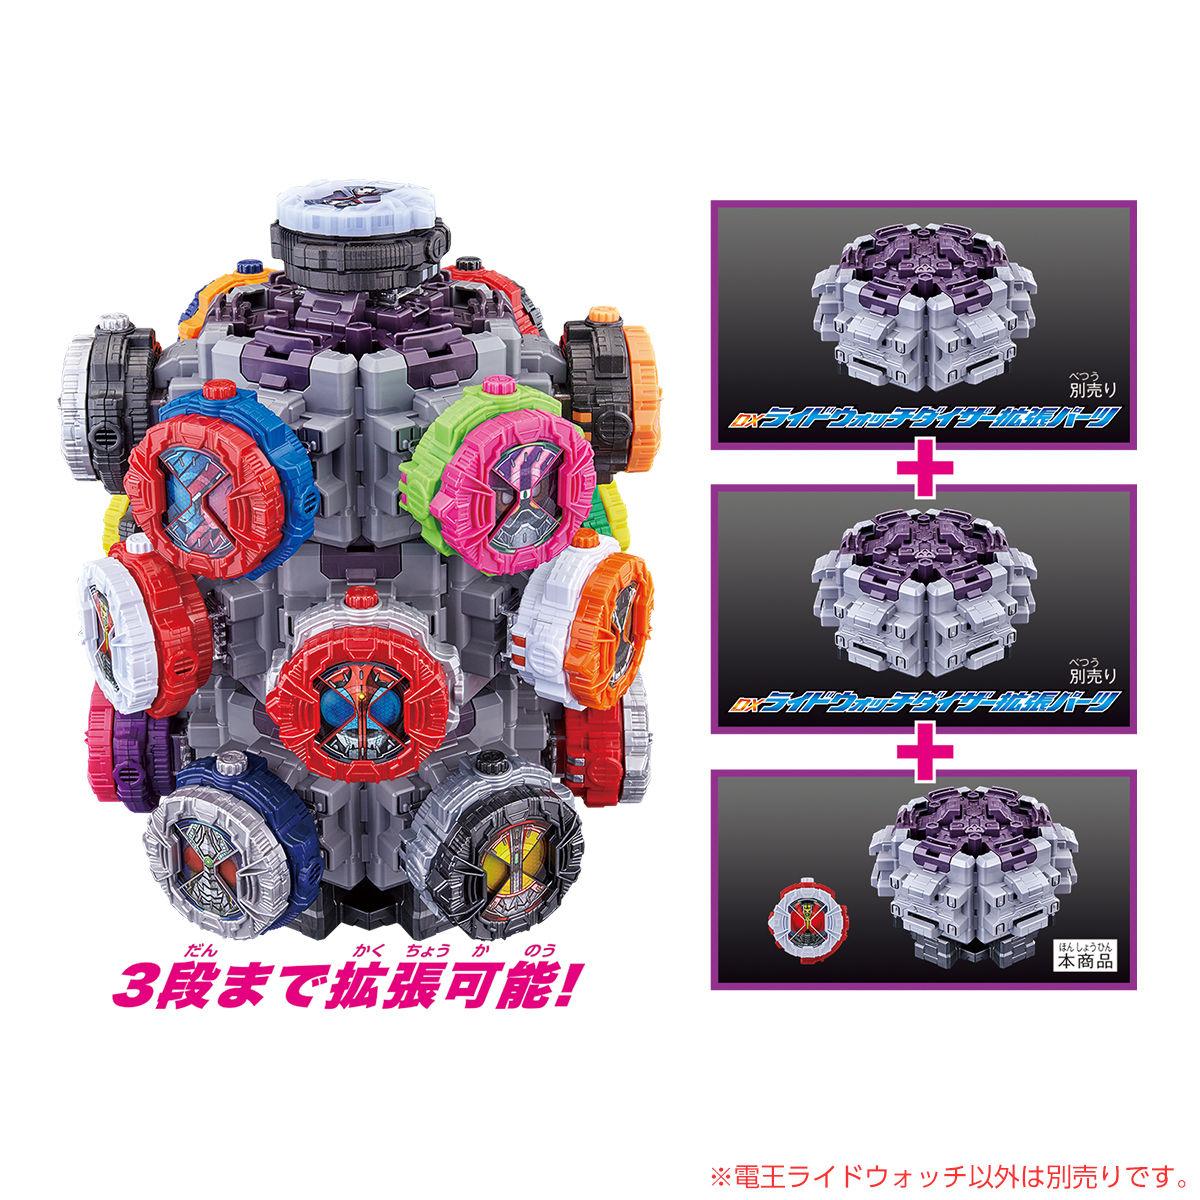 仮面ライダージオウ『DXライドウォッチダイザー&電王ライドウォッチ』変身なりきり-005